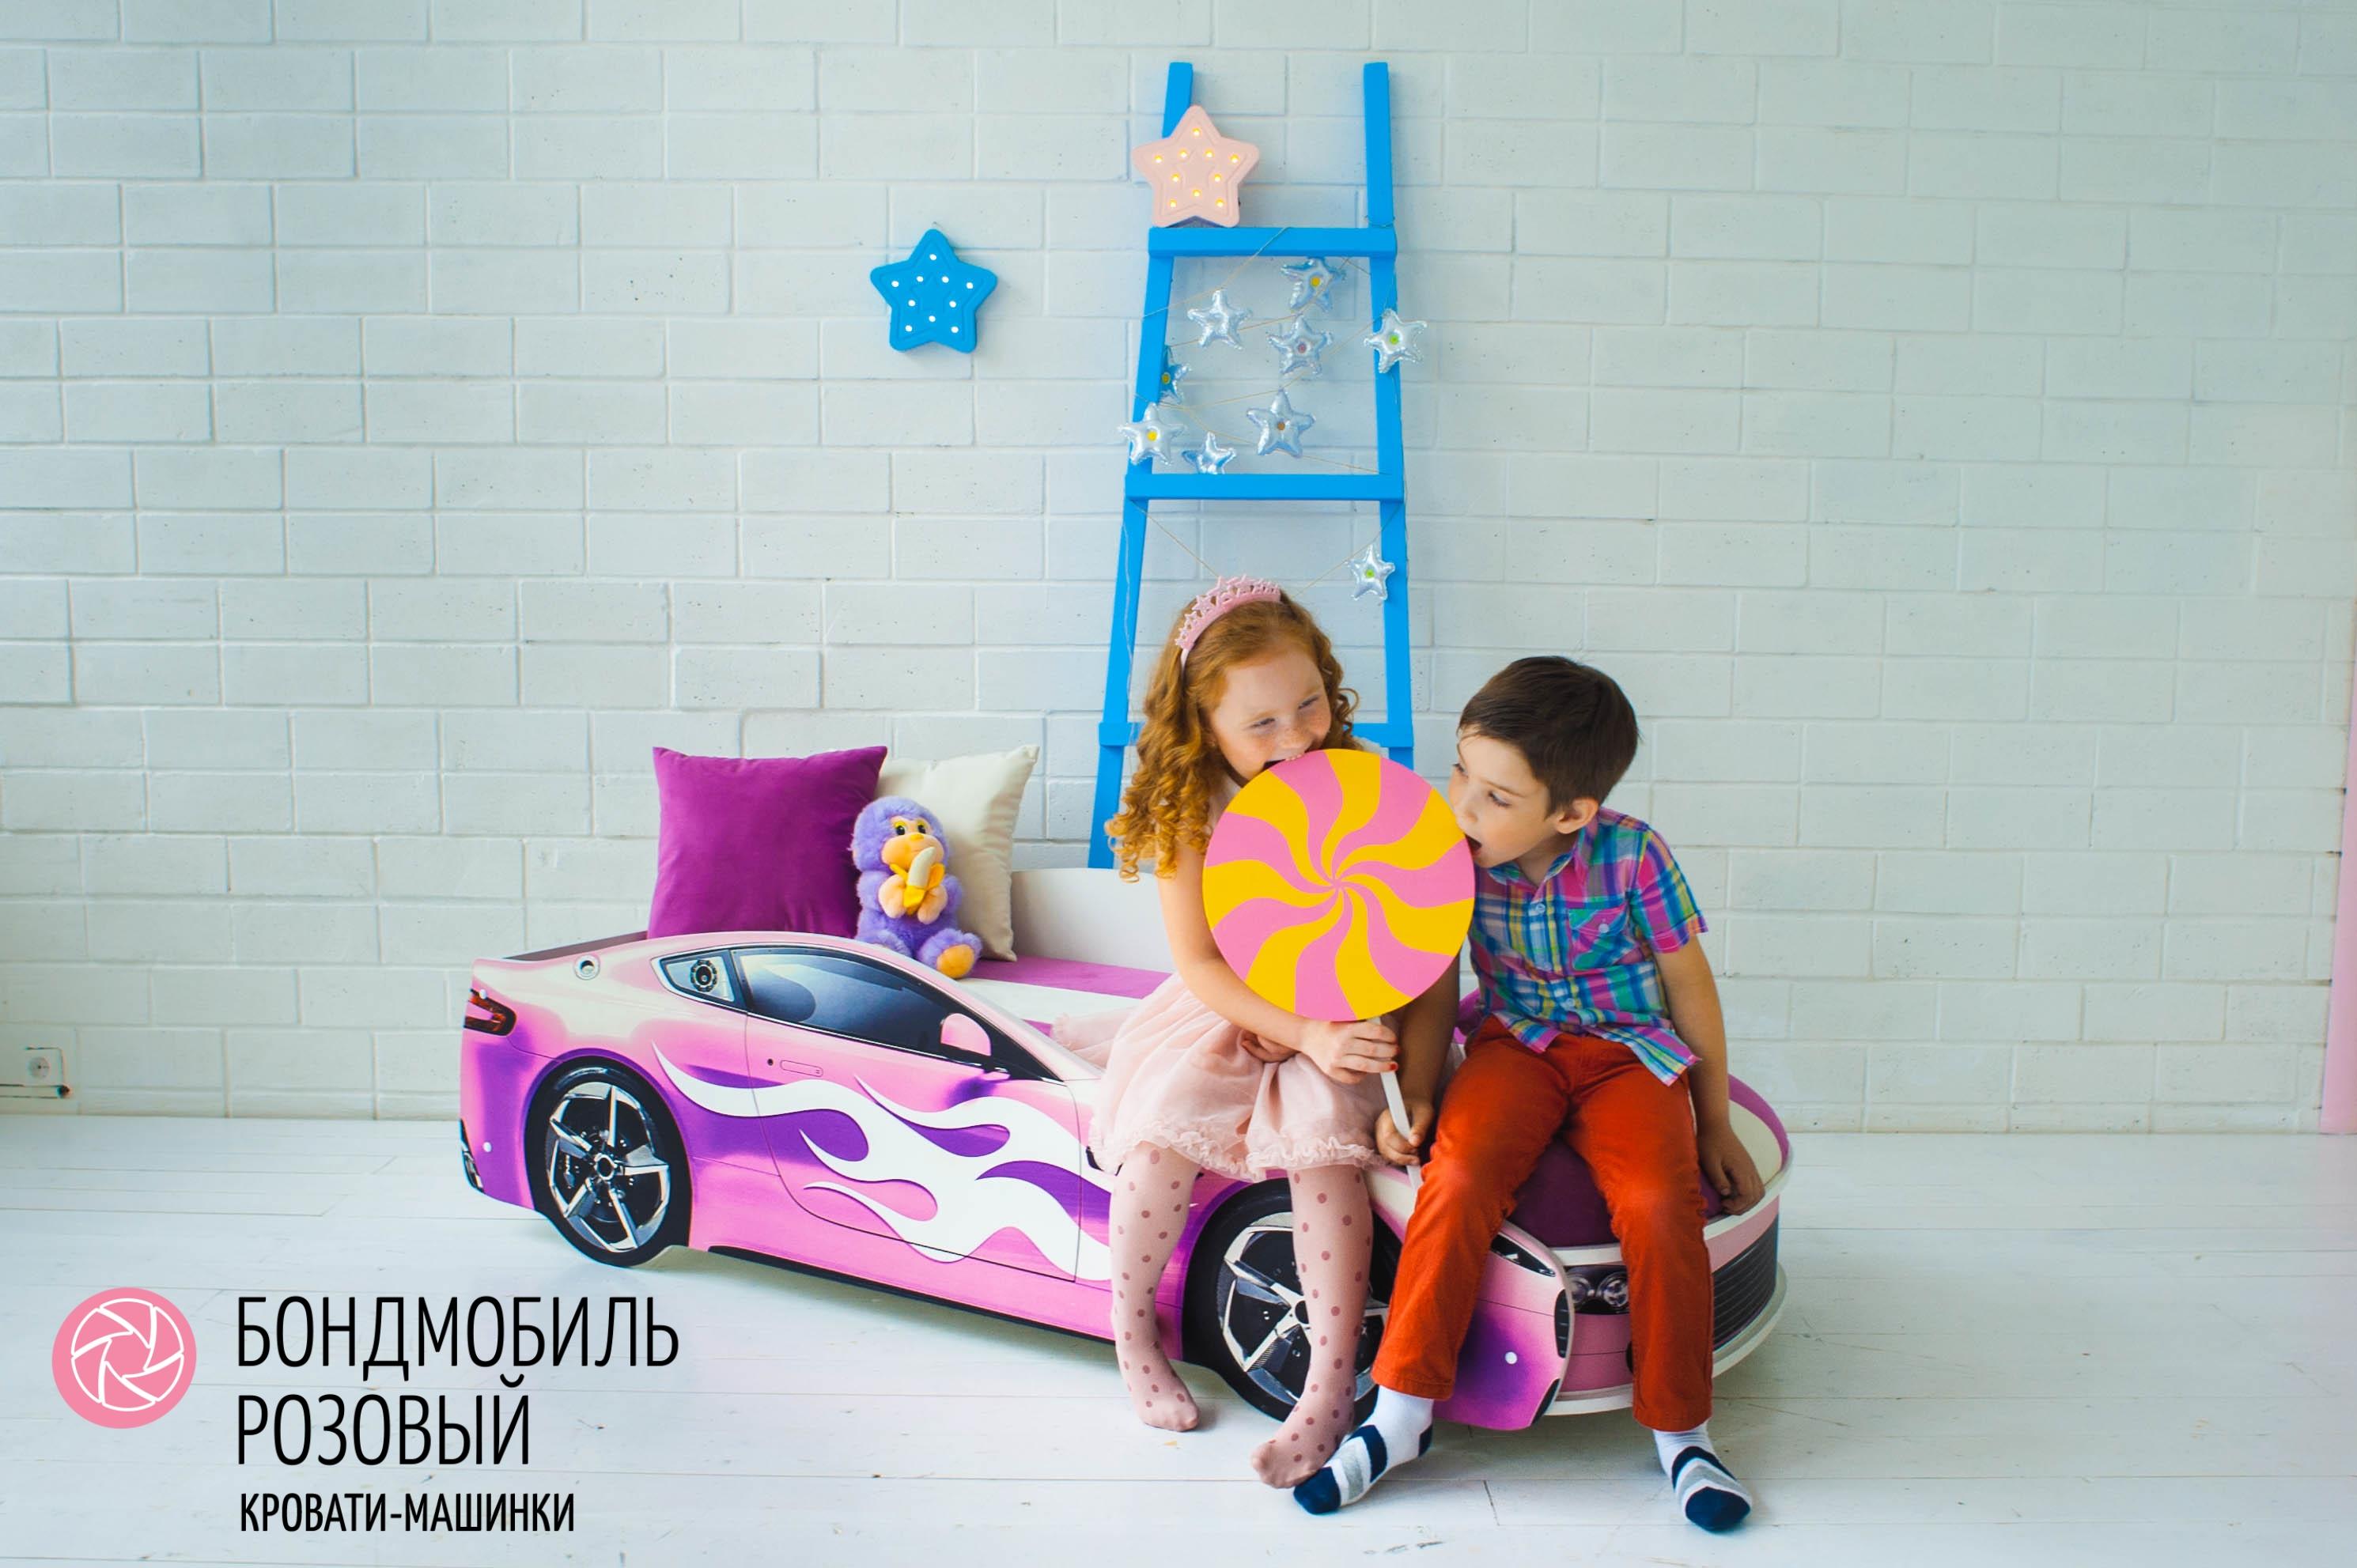 Детская кровать-машина розовый -Бондмобиль-10